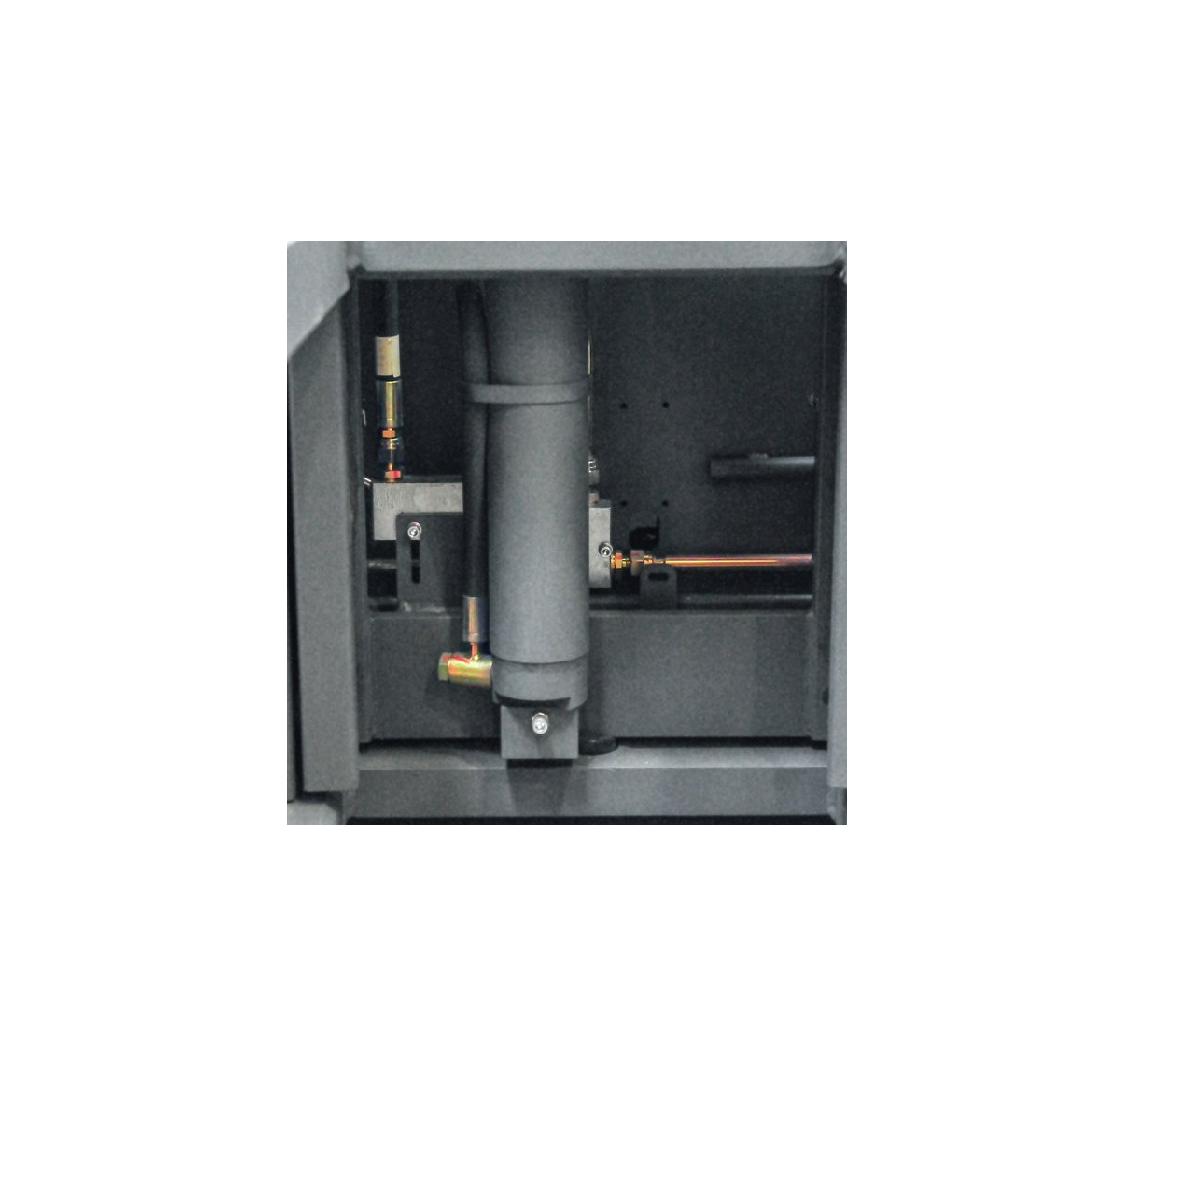 Empilhadeira Elétrica 1,5 tonelada Sem bateria e carregador EEV1500 VONDER